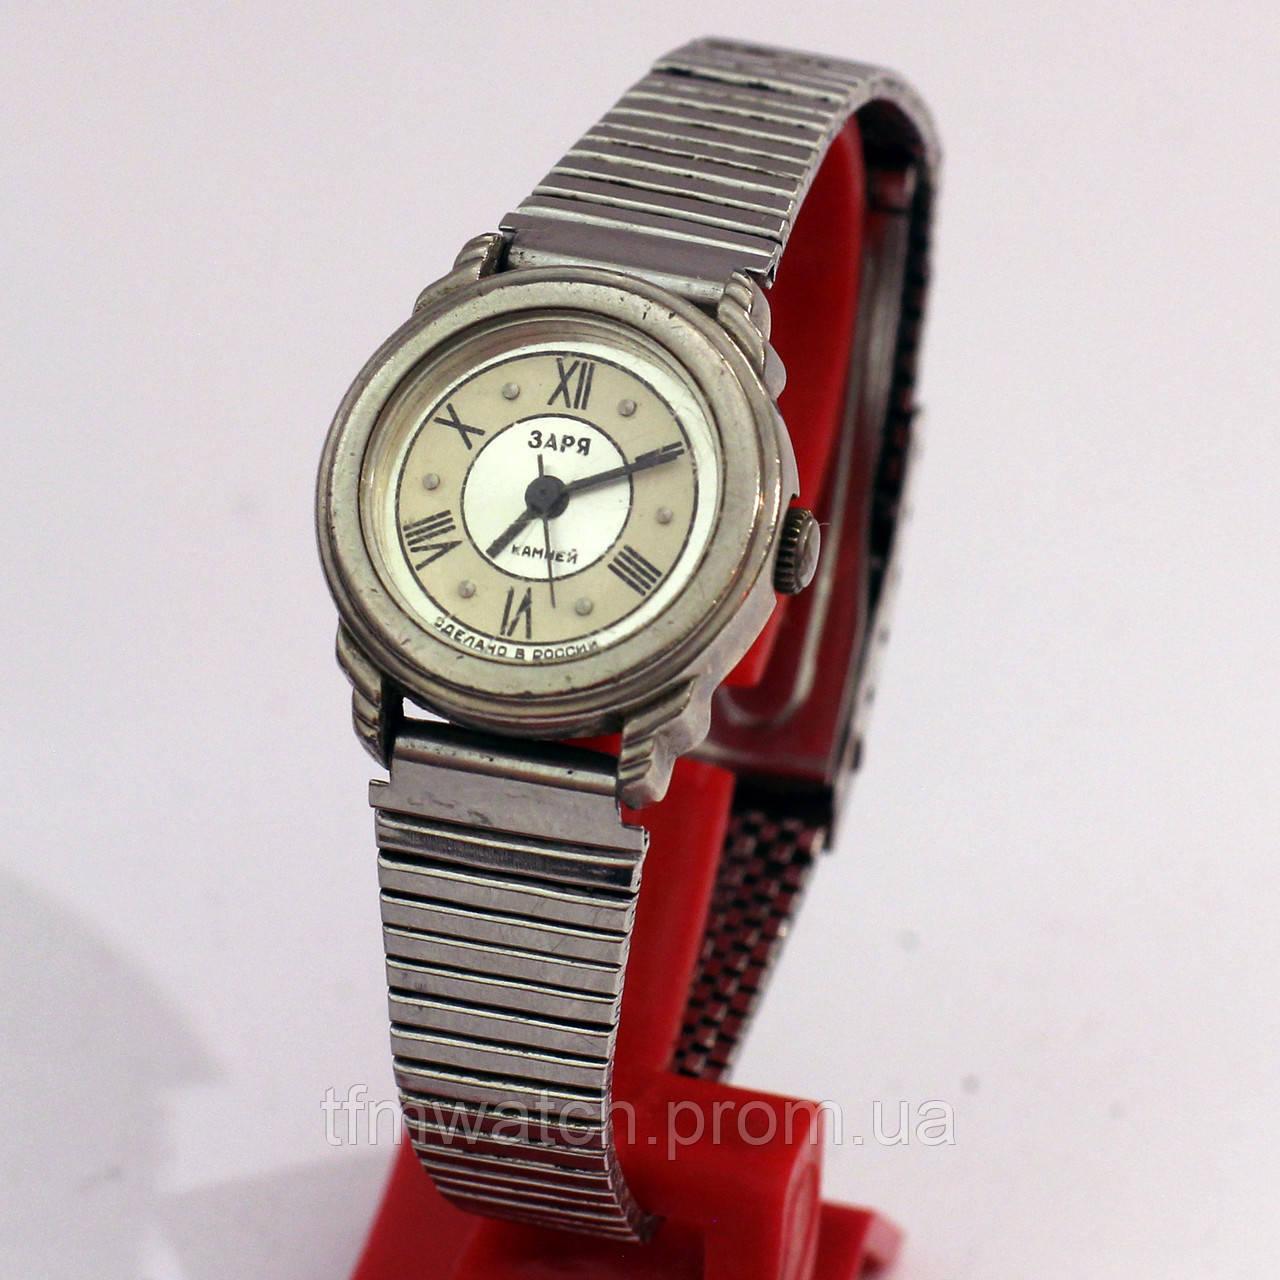 Заря женские часы на металическом браслете